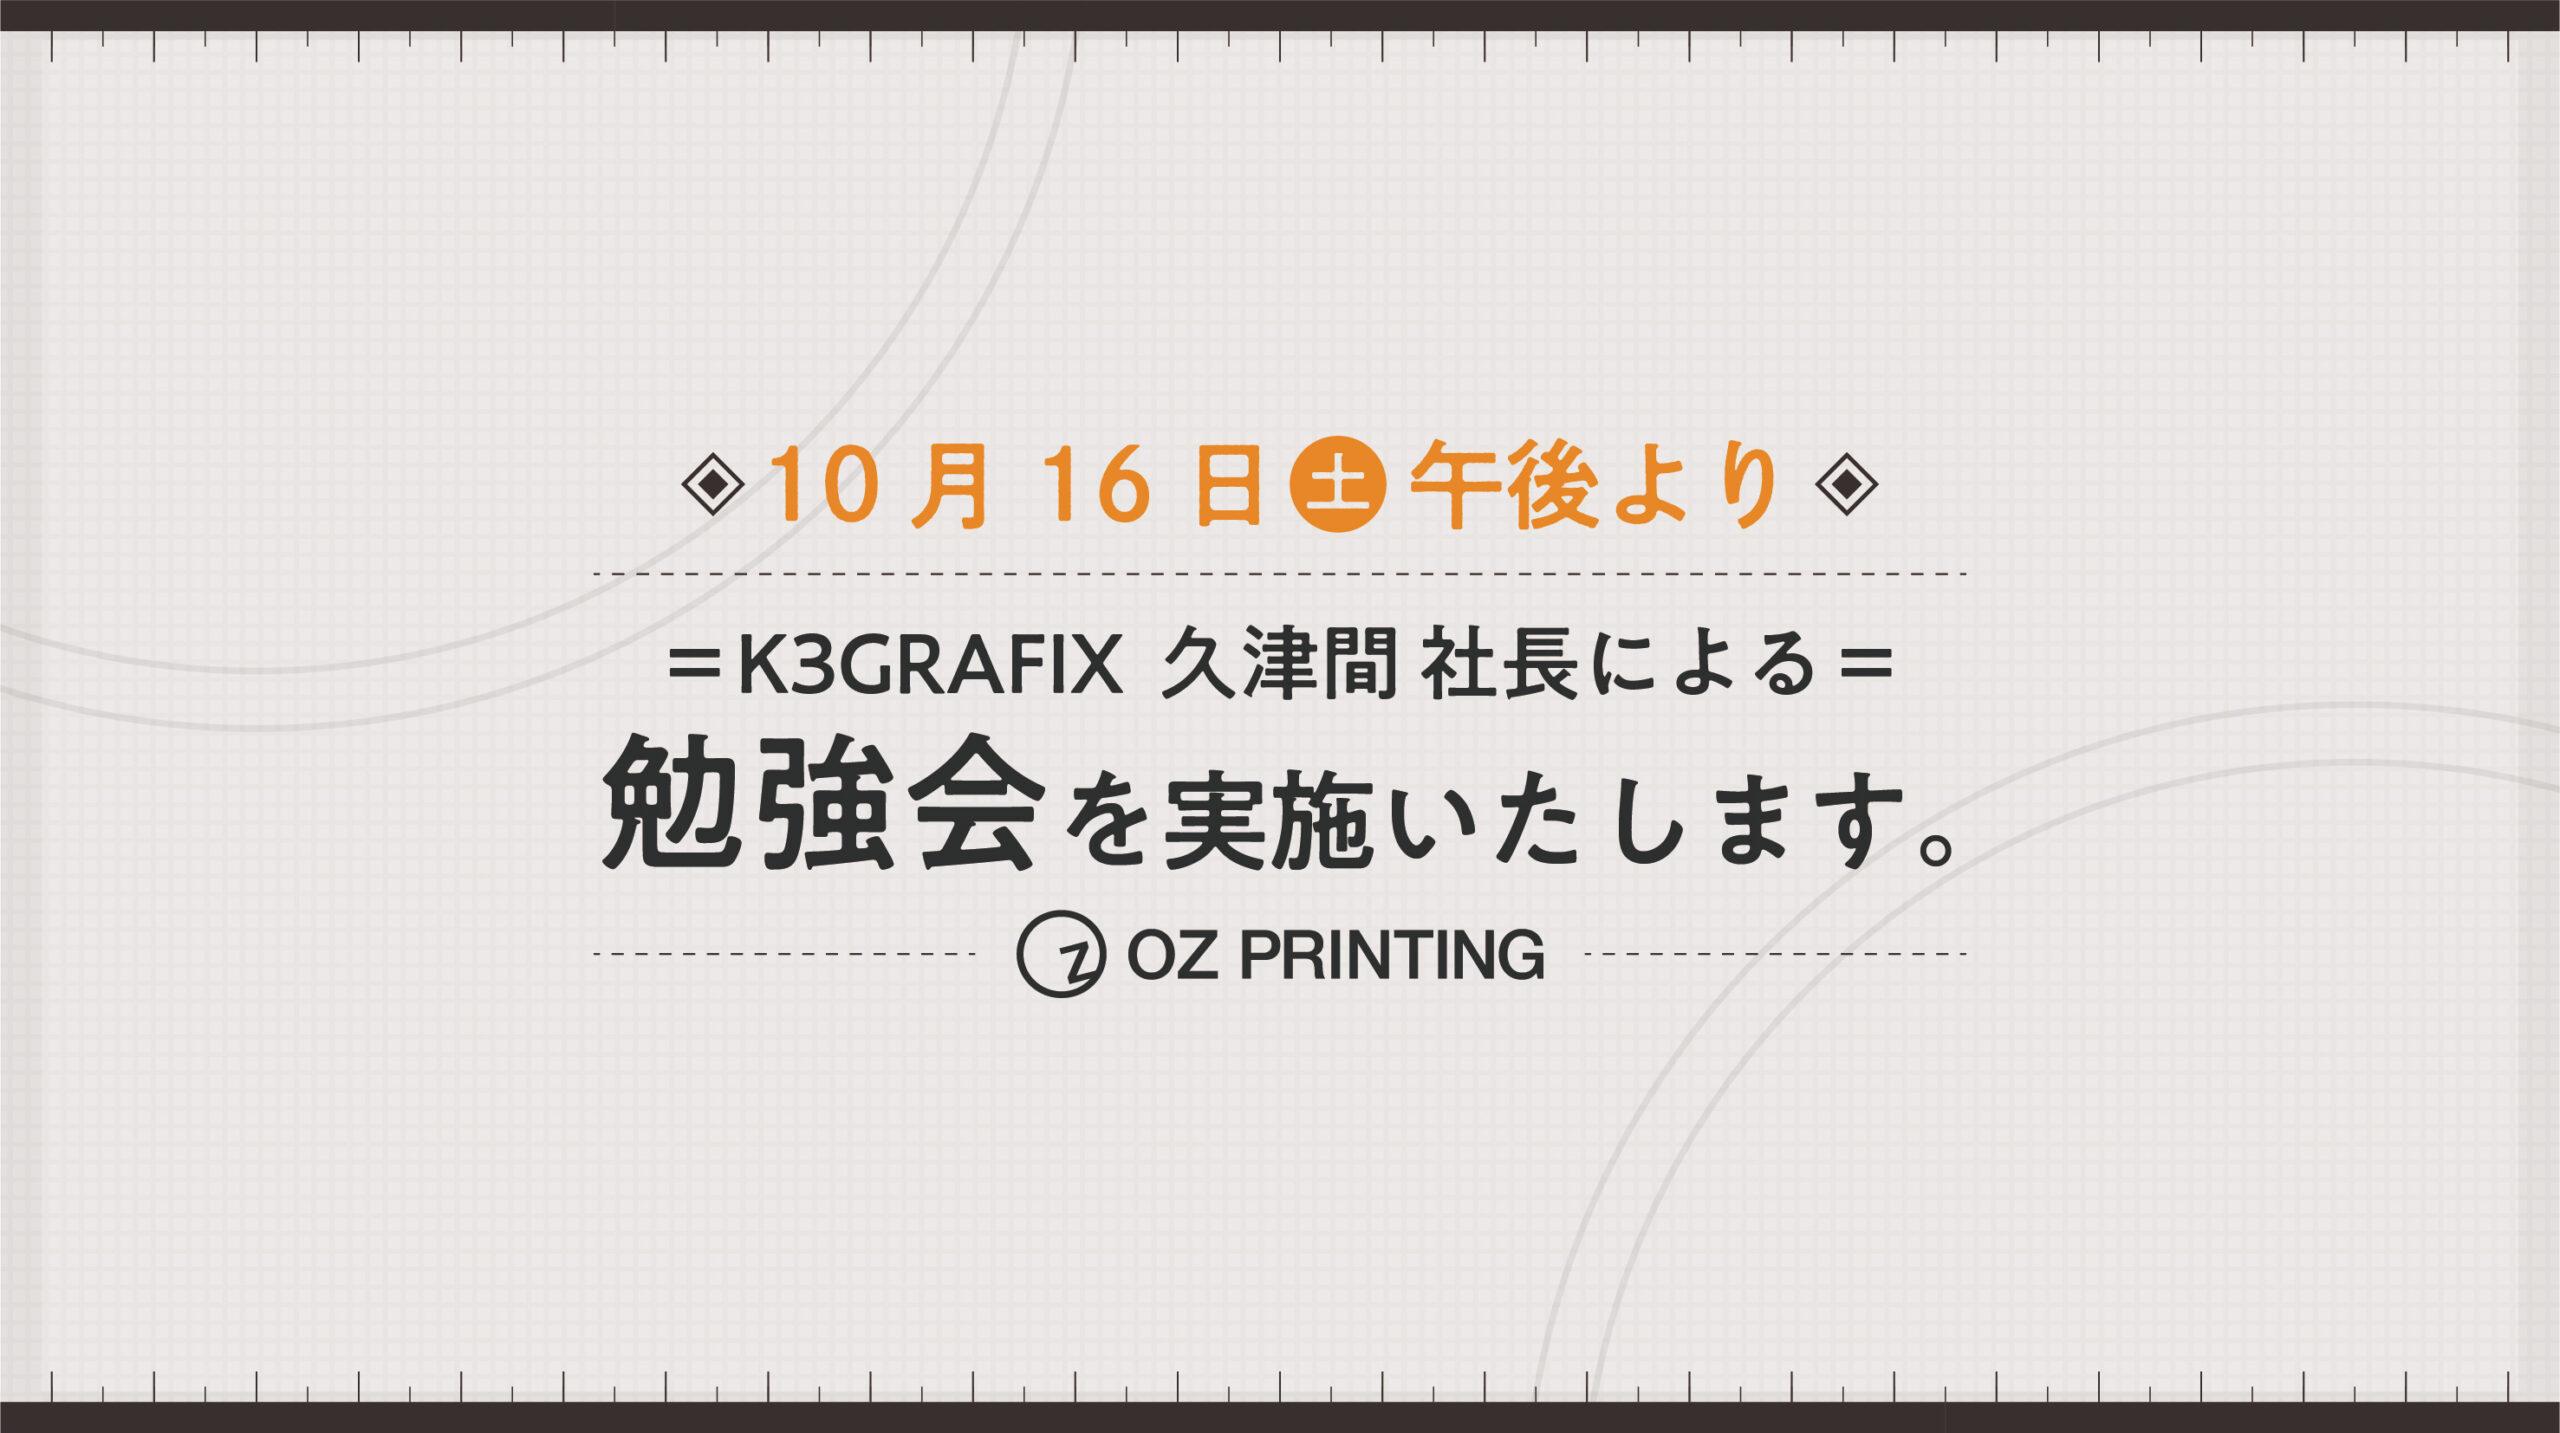 10月16日(土)勉強会のお知らせ